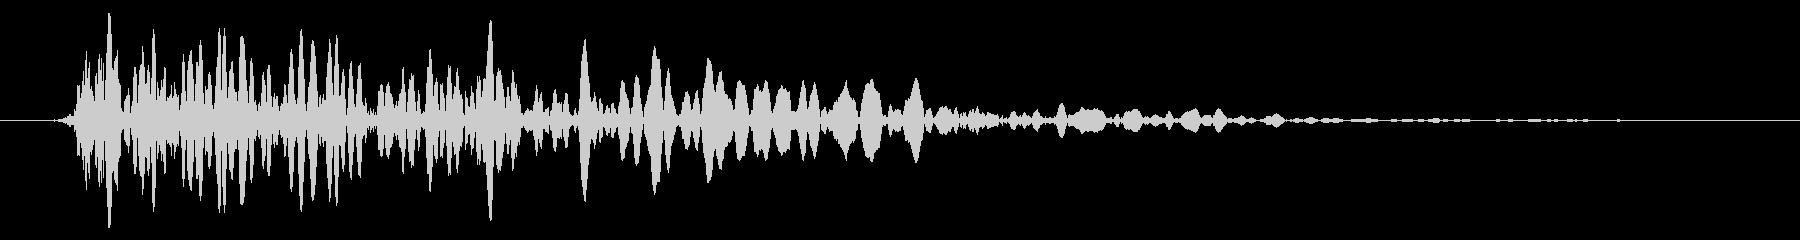 炎系魔法の効果音の未再生の波形